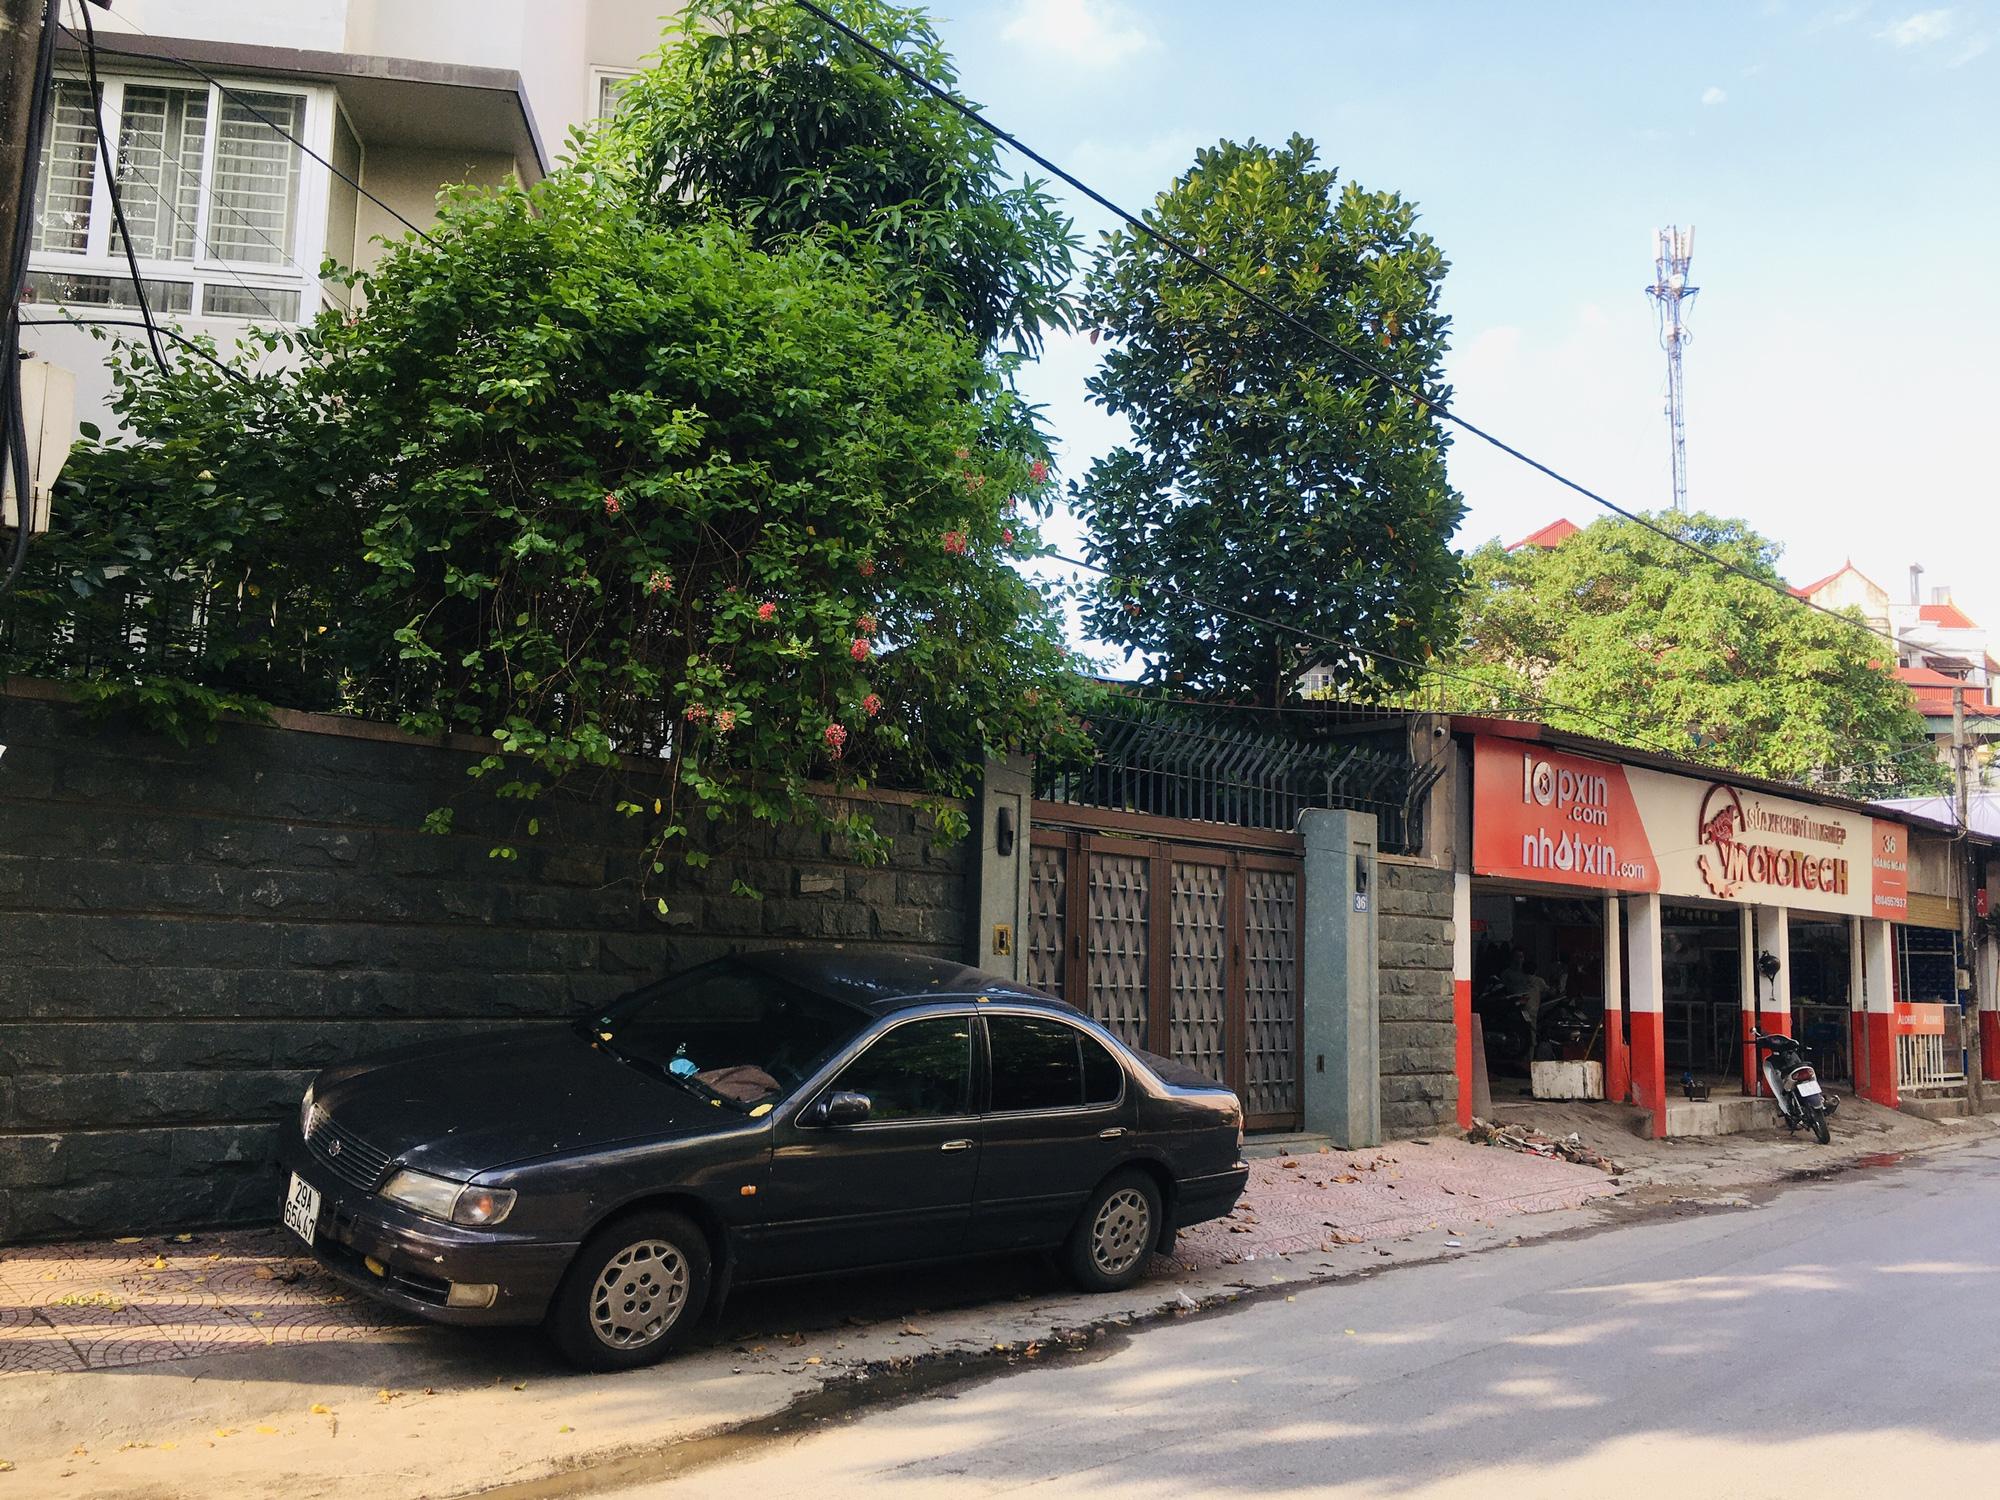 Những khu dính quy hoạch phường Trung Hòa, Cầu Giấy, Hà Nội (phần 2) - Ảnh 11.